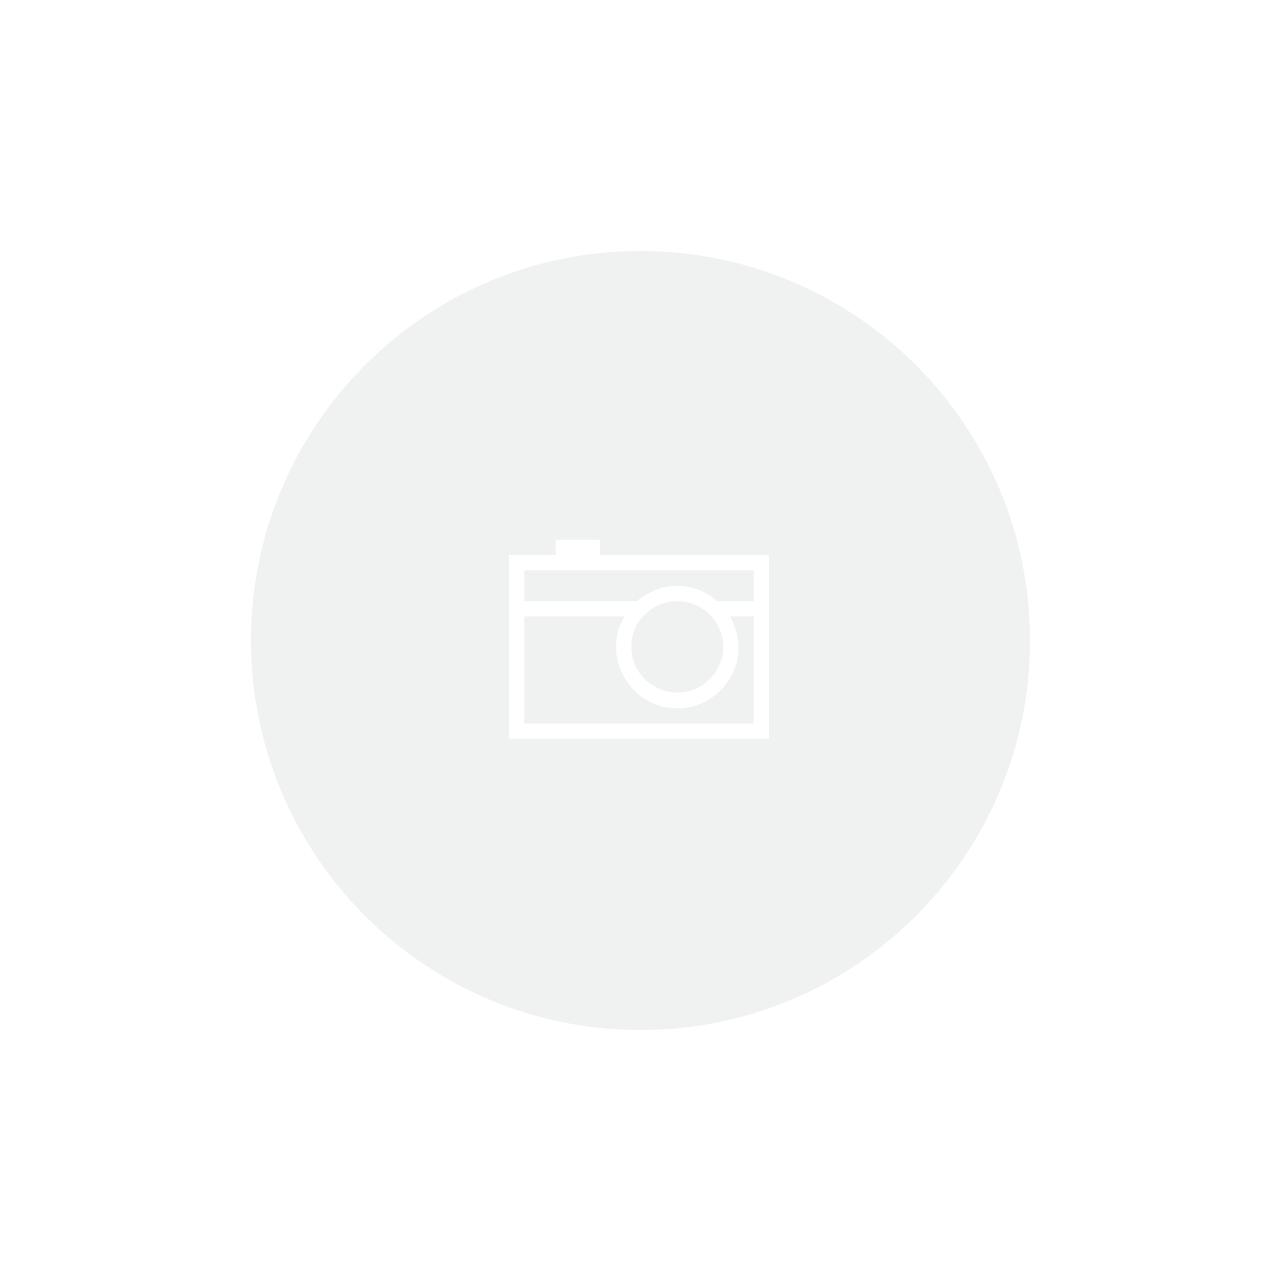 Stickers 3D - Ref. 603B